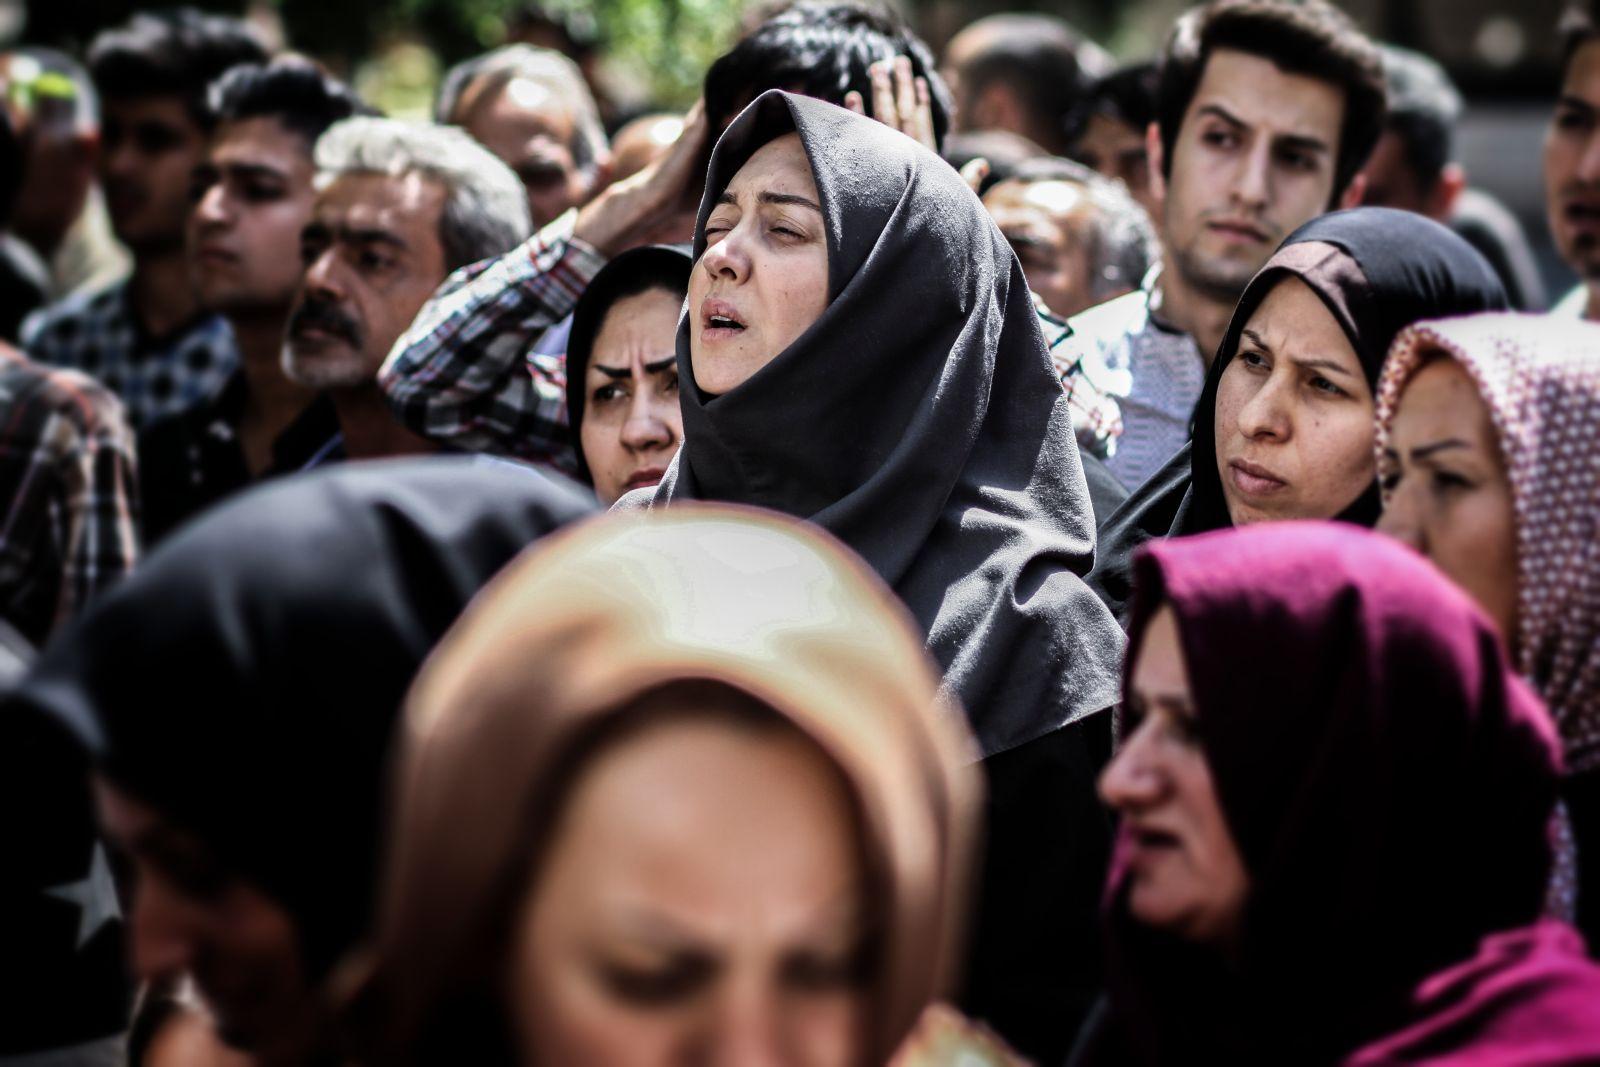 Wednesday, May 9: un'immagine di folla tratta dal film